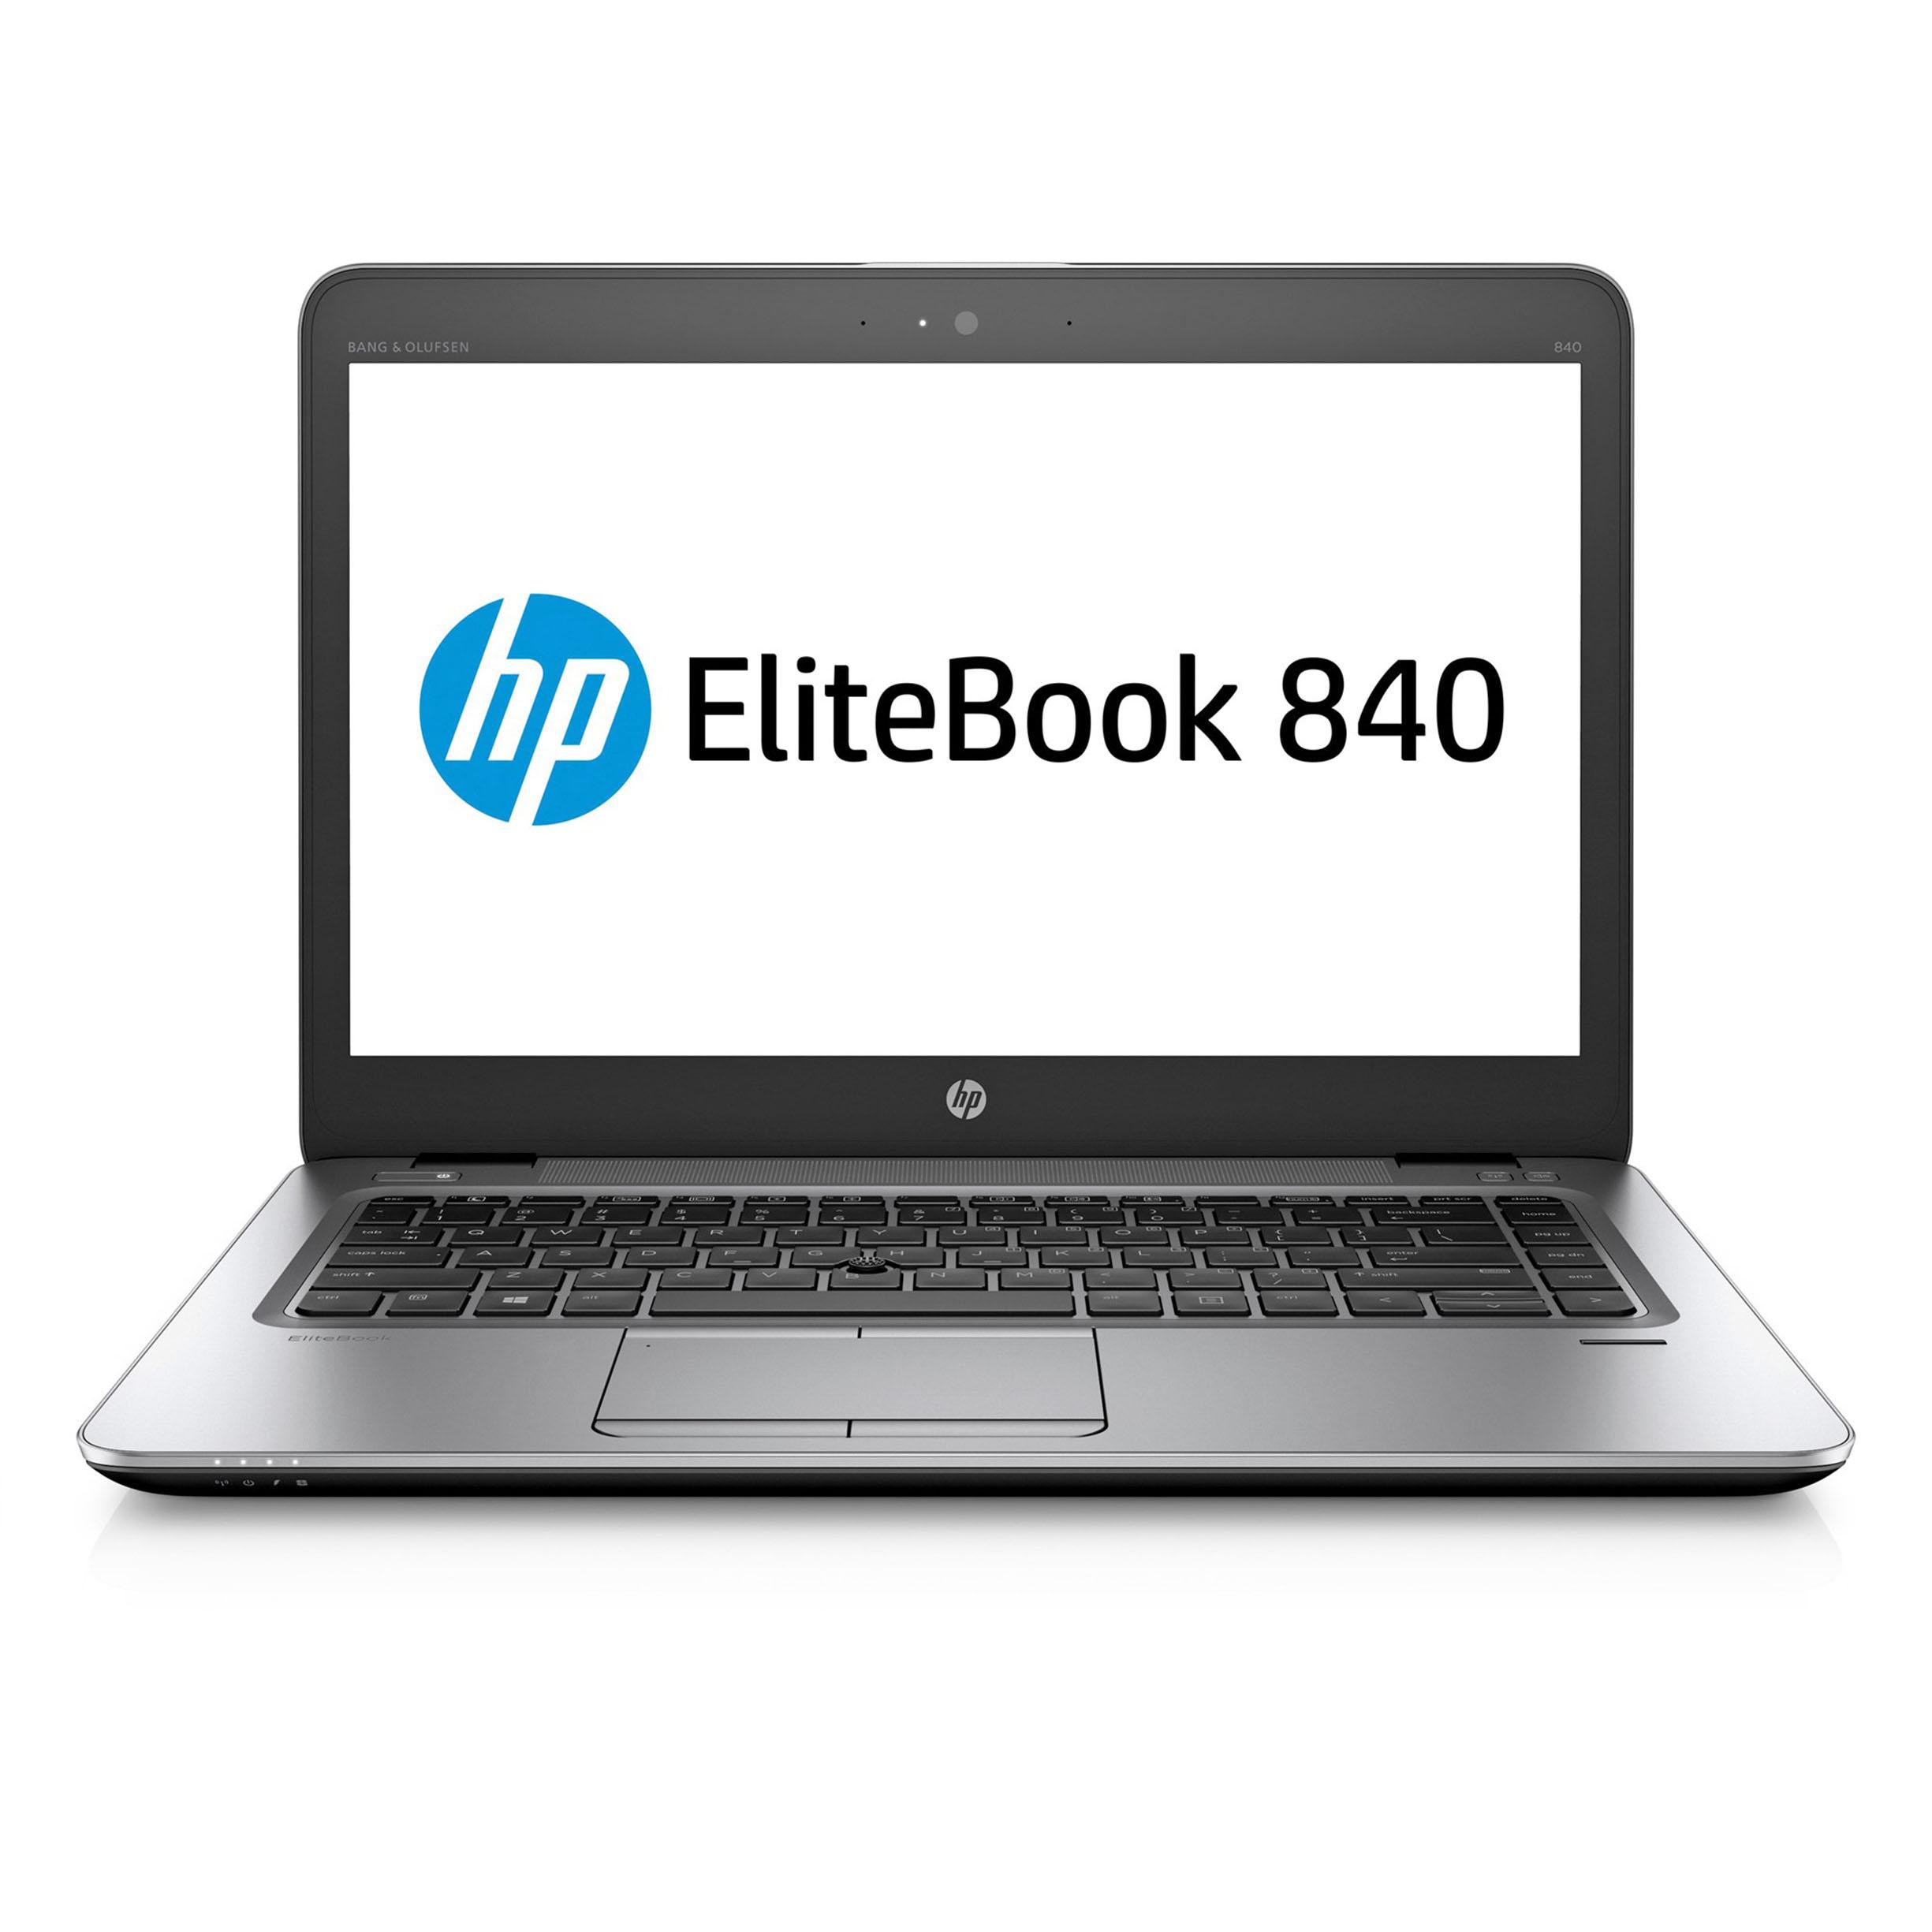 لپ تاپ 14 اینچی اچ پی مدل EliteBook 840 - F